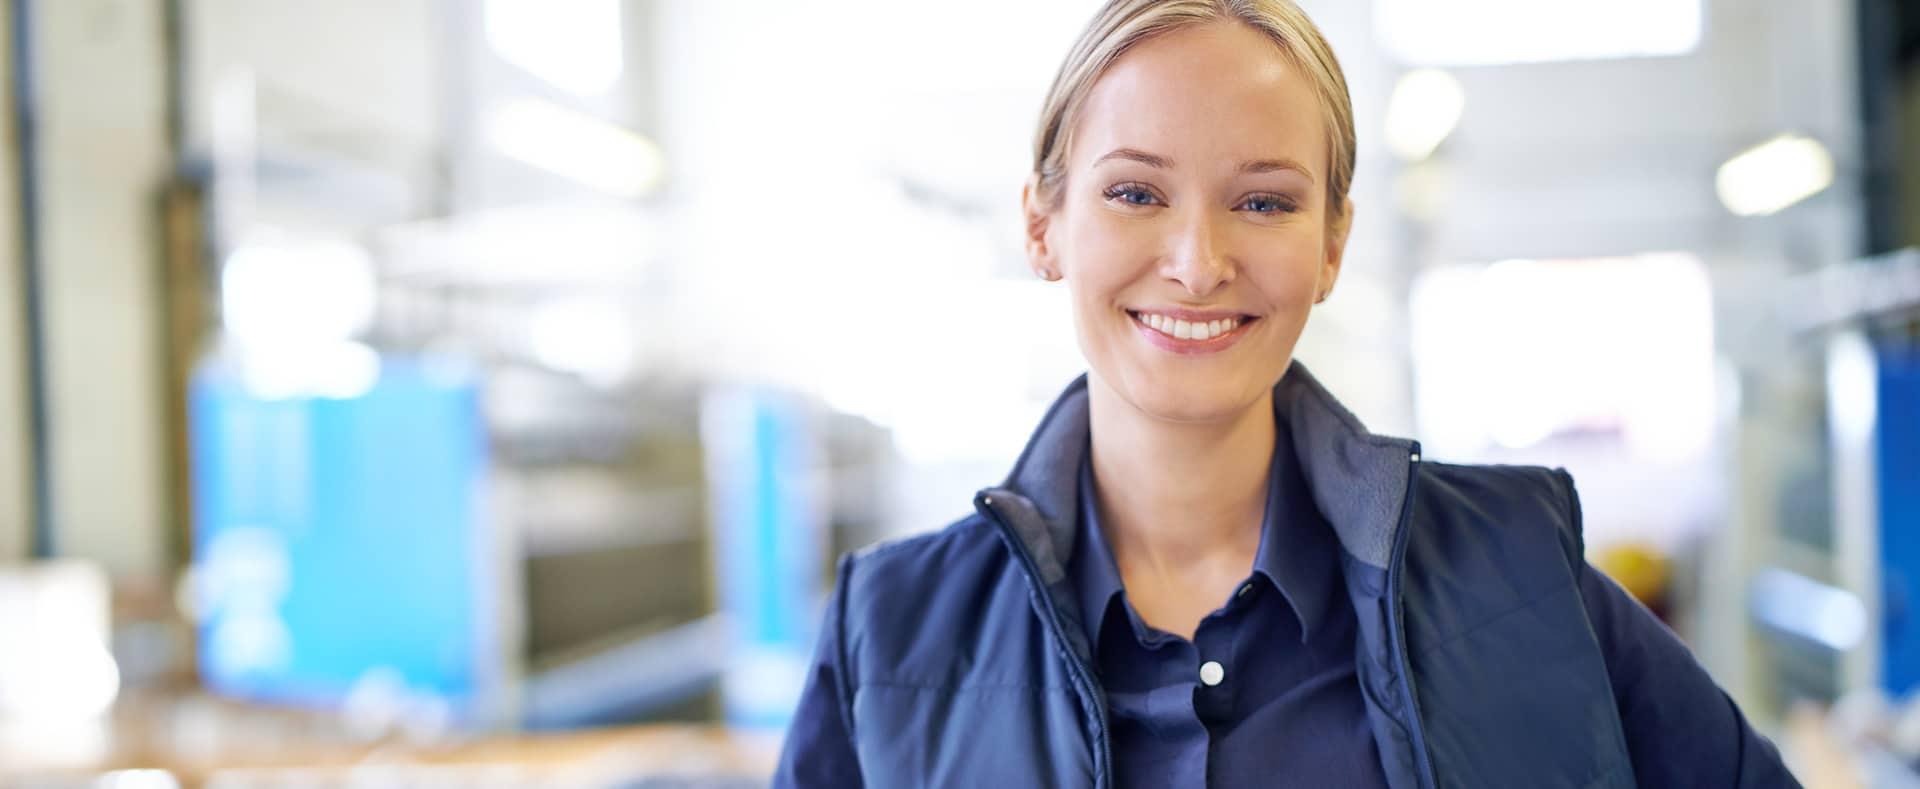 Photographie d'une femme d'une société de distribution.